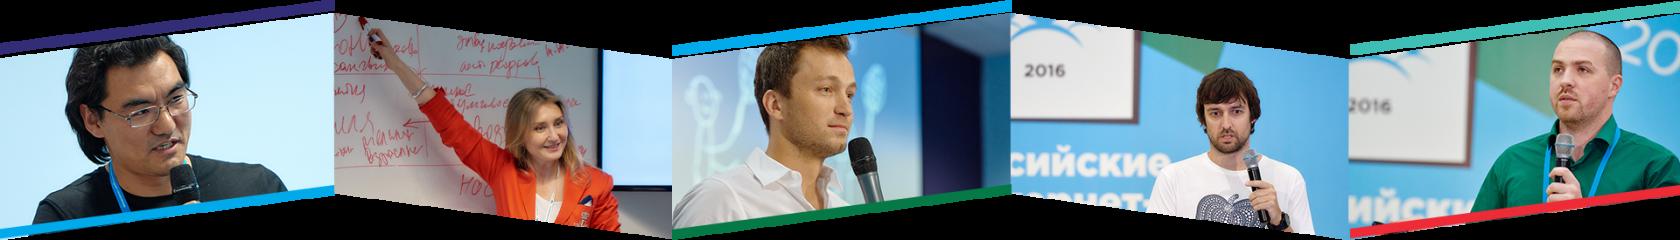 Фестиваль «Российские интернет-технологии» приглашает докладчиков - 3